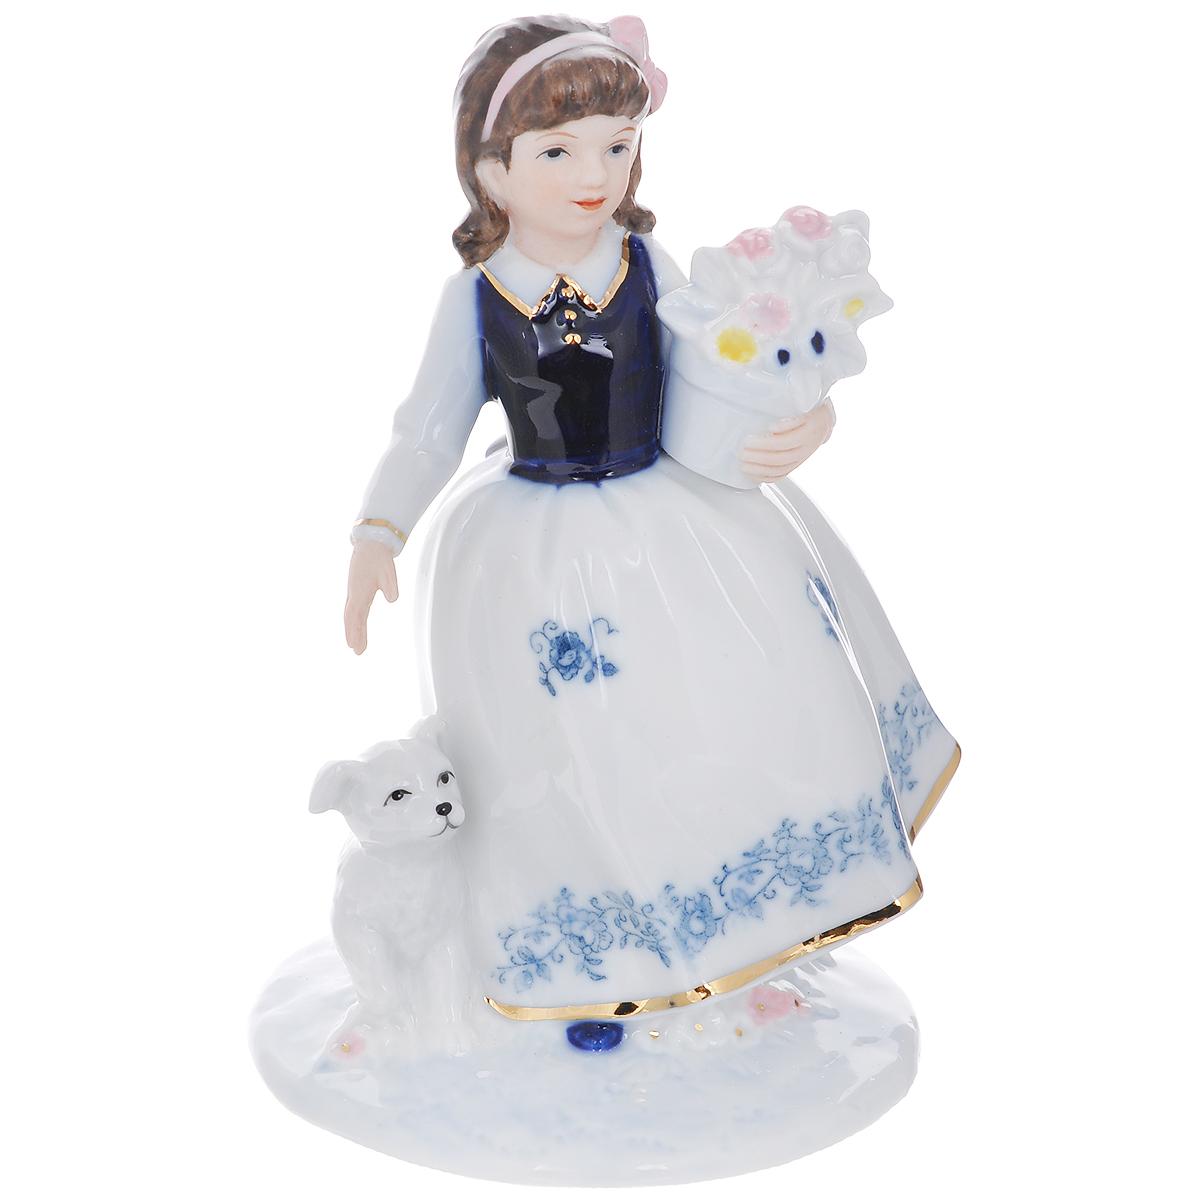 Статуэтка Domani Девочка с собакой, высота 13 смD-OG64/1-ALСтатуэтка Domani Девочка с собакой изготовлена из высококачественного фарфора. Изделие выполнено в виде девочки в пышном платье, с собакой и букетом цветов в руках. Вы можете поставить статуэтка в любое место, где она будет удачно смотреться и радовать глаз.